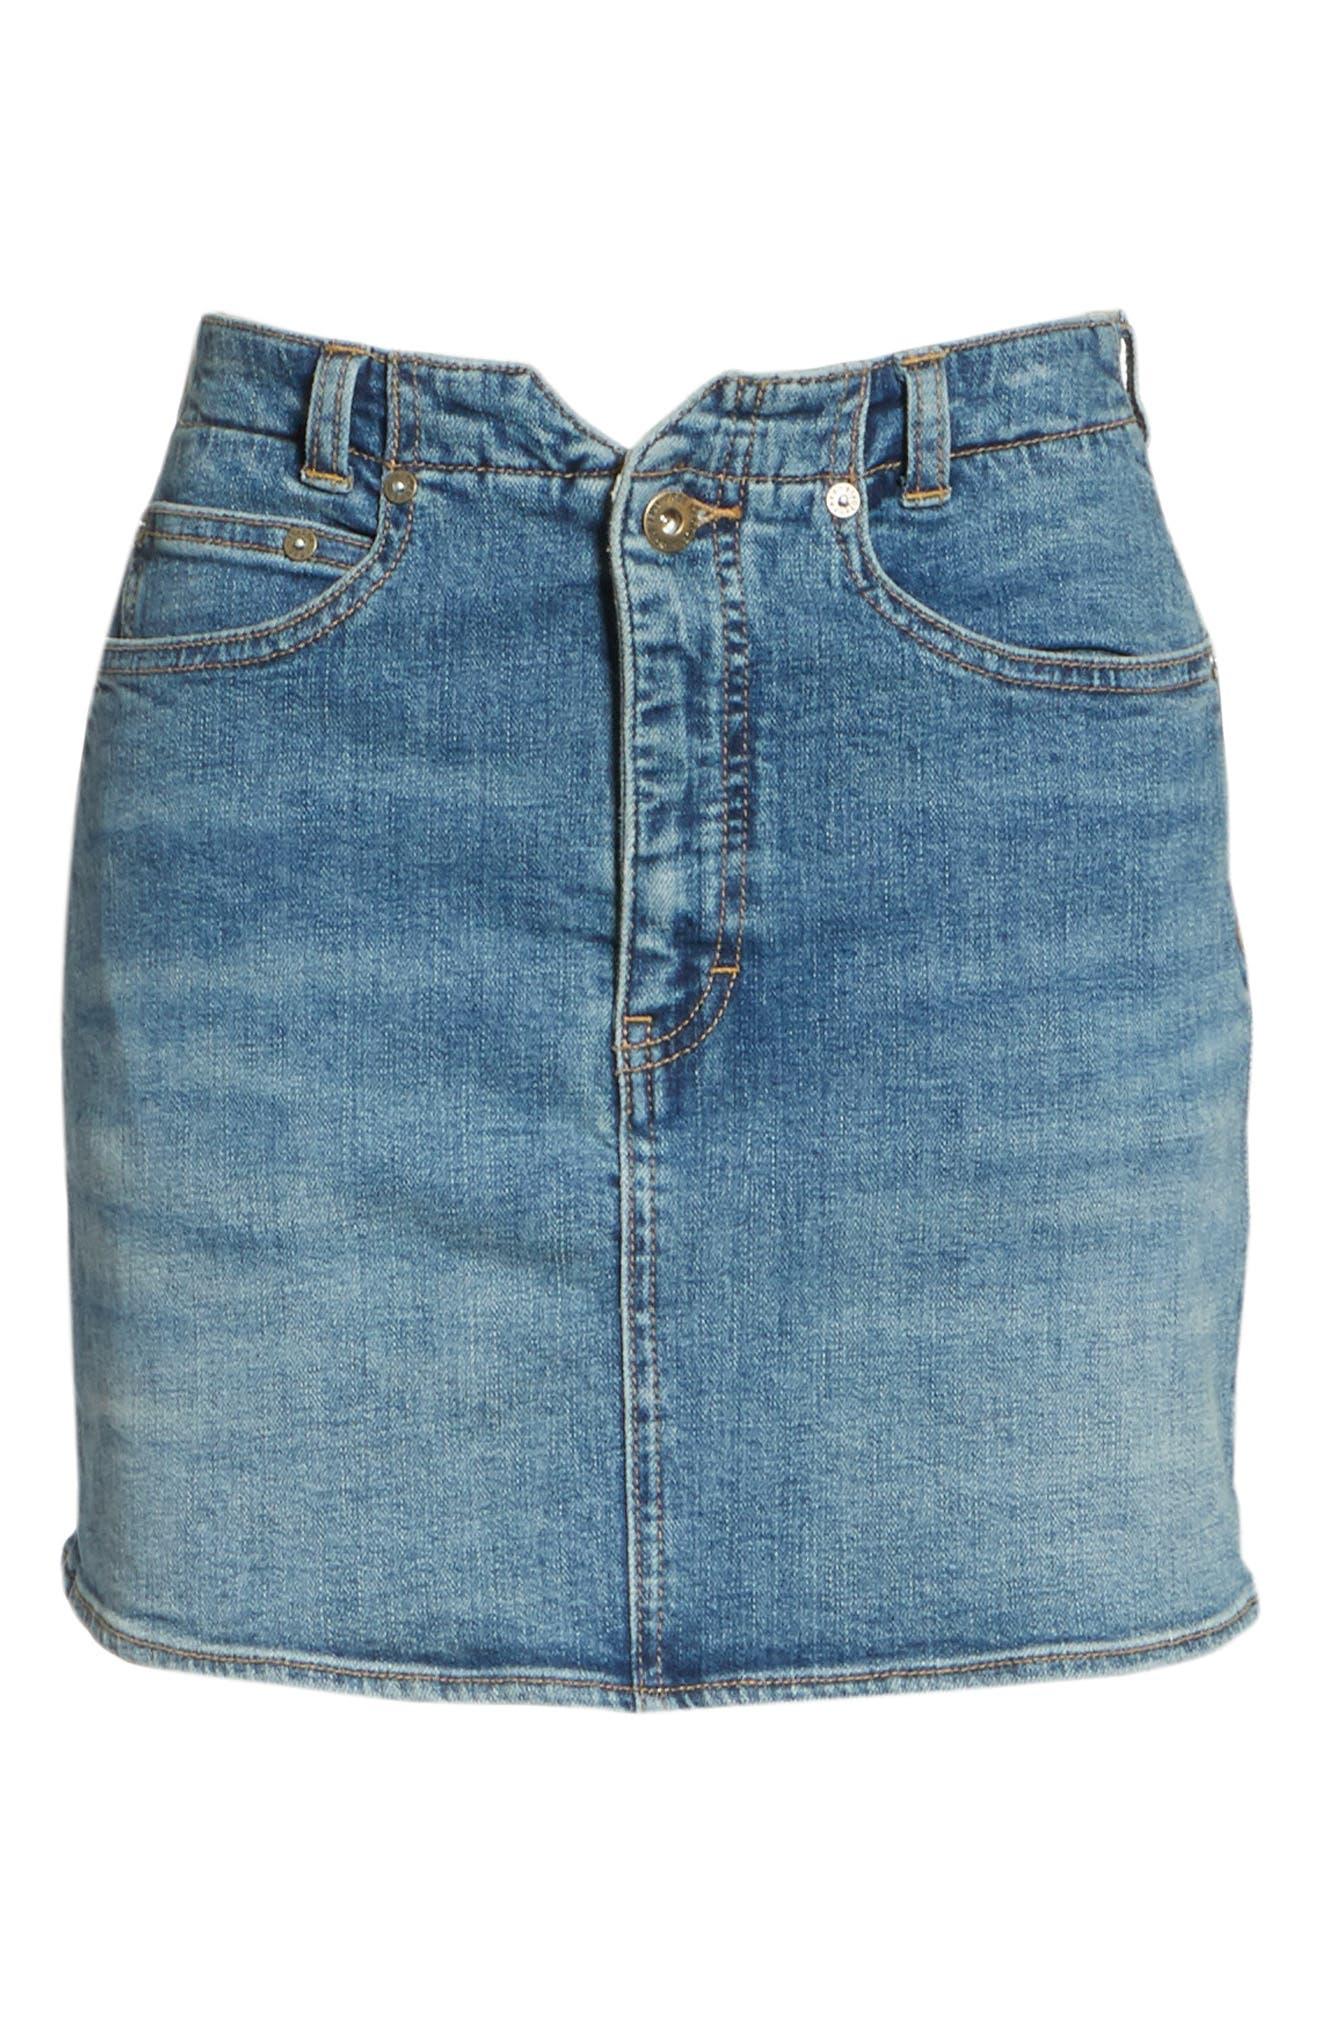 She's All That Denim Miniskirt,                             Alternate thumbnail 7, color,                             DENIM BLUE